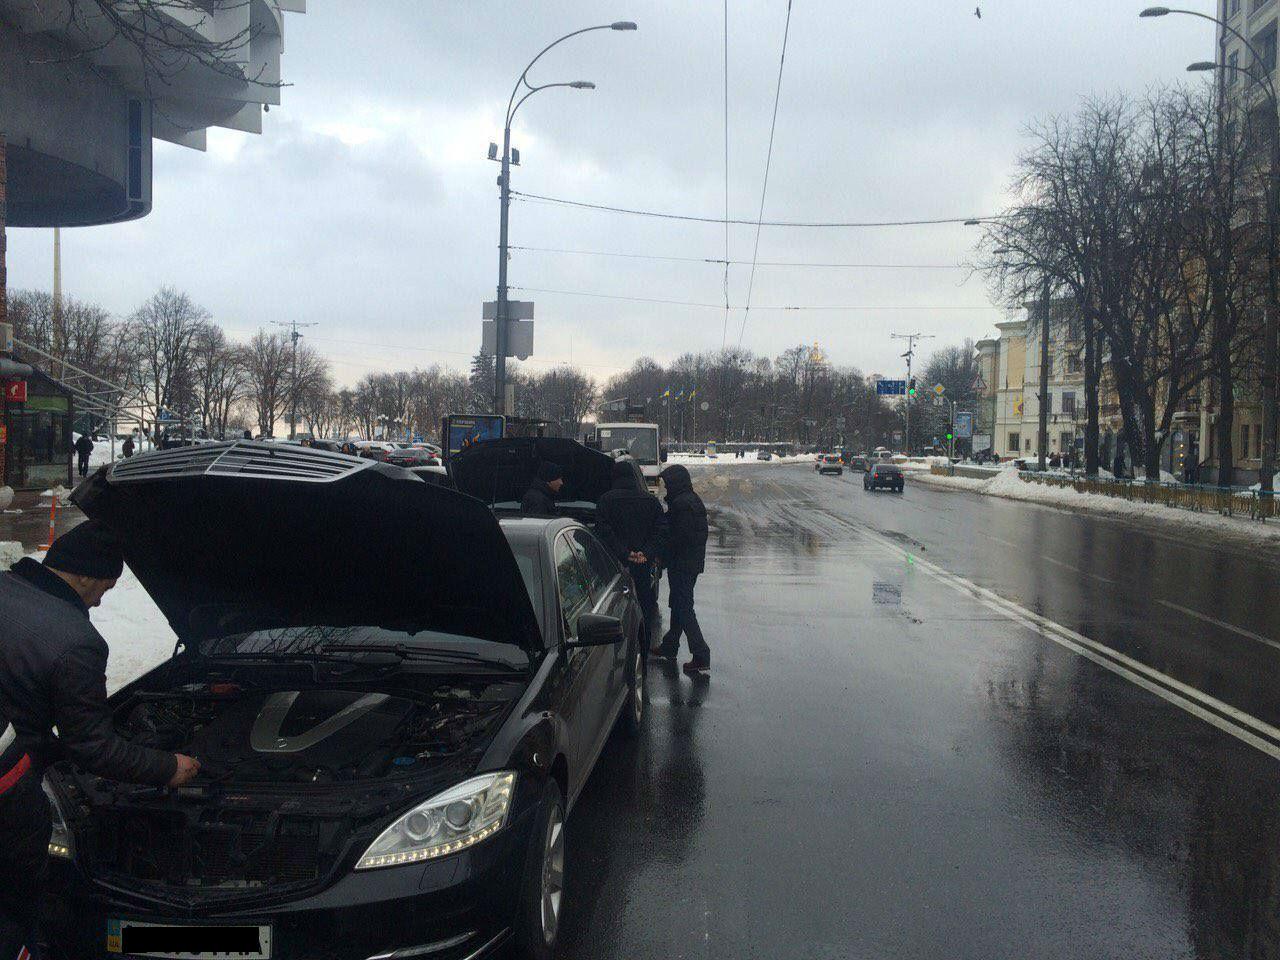 В Киеве полицейские сняли мигалки с двух люксовых авто: фото